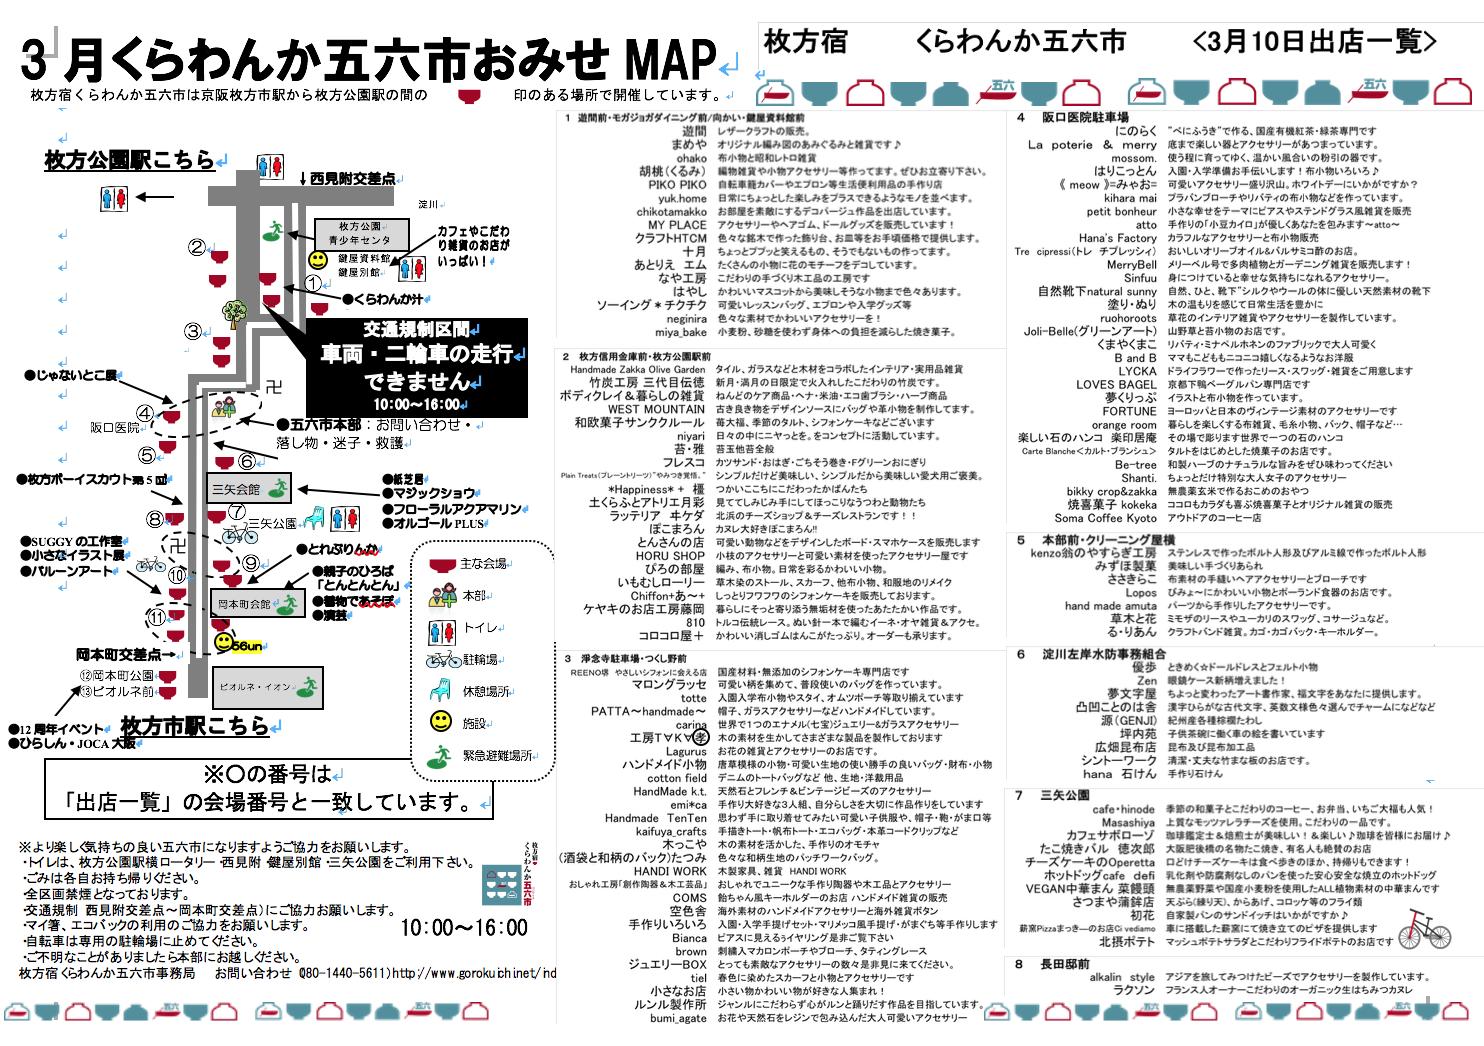 f:id:gorokuichi:20190305193828p:plain